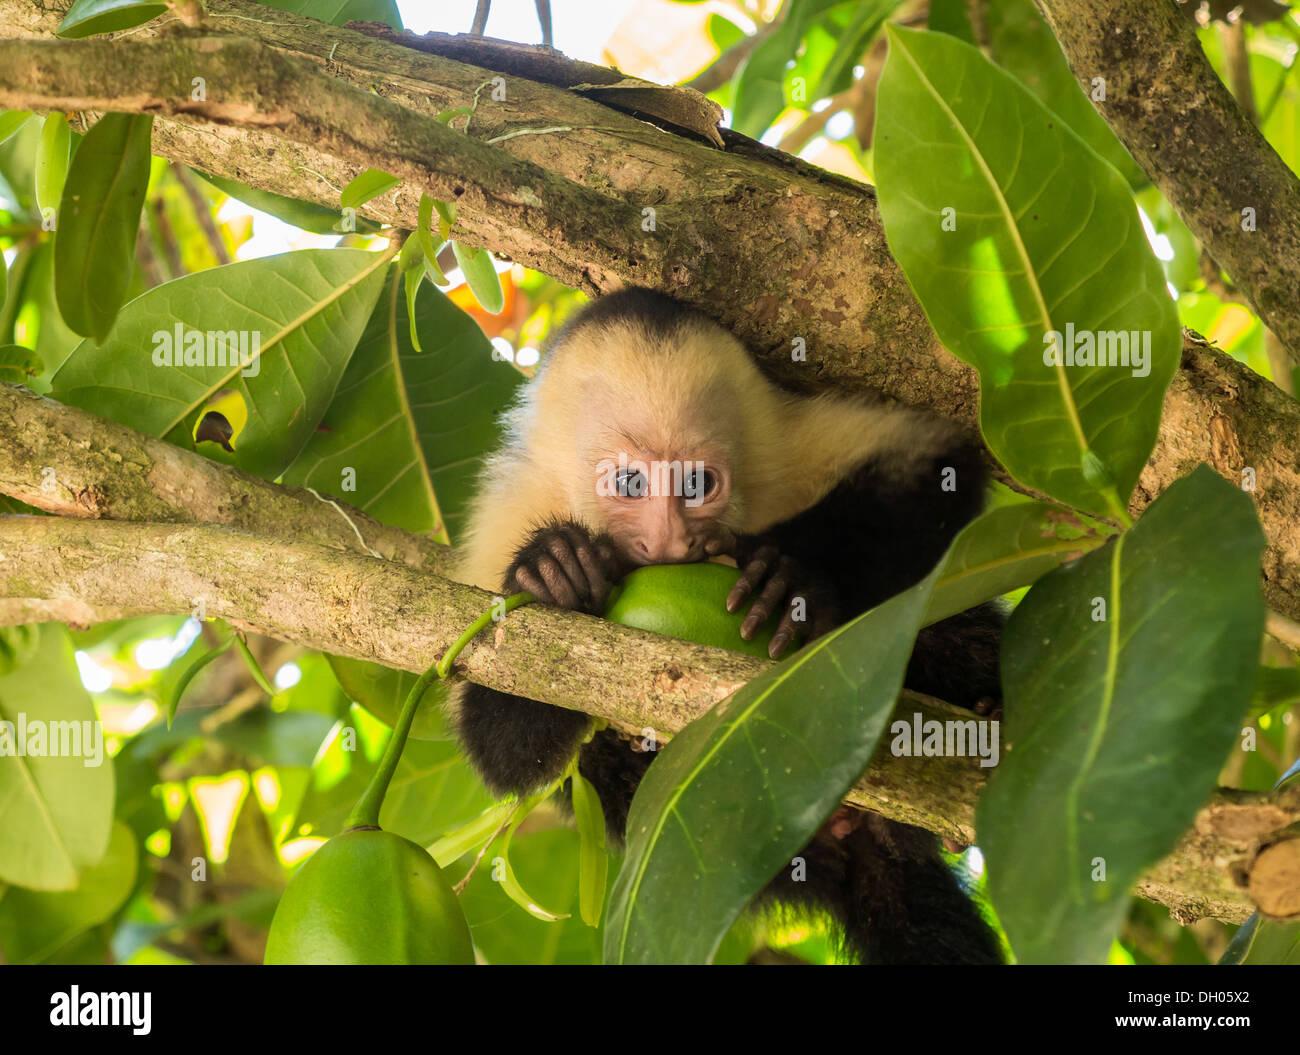 Petit bébé face blanche ou blanc à la tête de singe capucin (Cebus capucinus) dans l'arbre à mâcher sur quelques fruits au Costa Rica Photo Stock